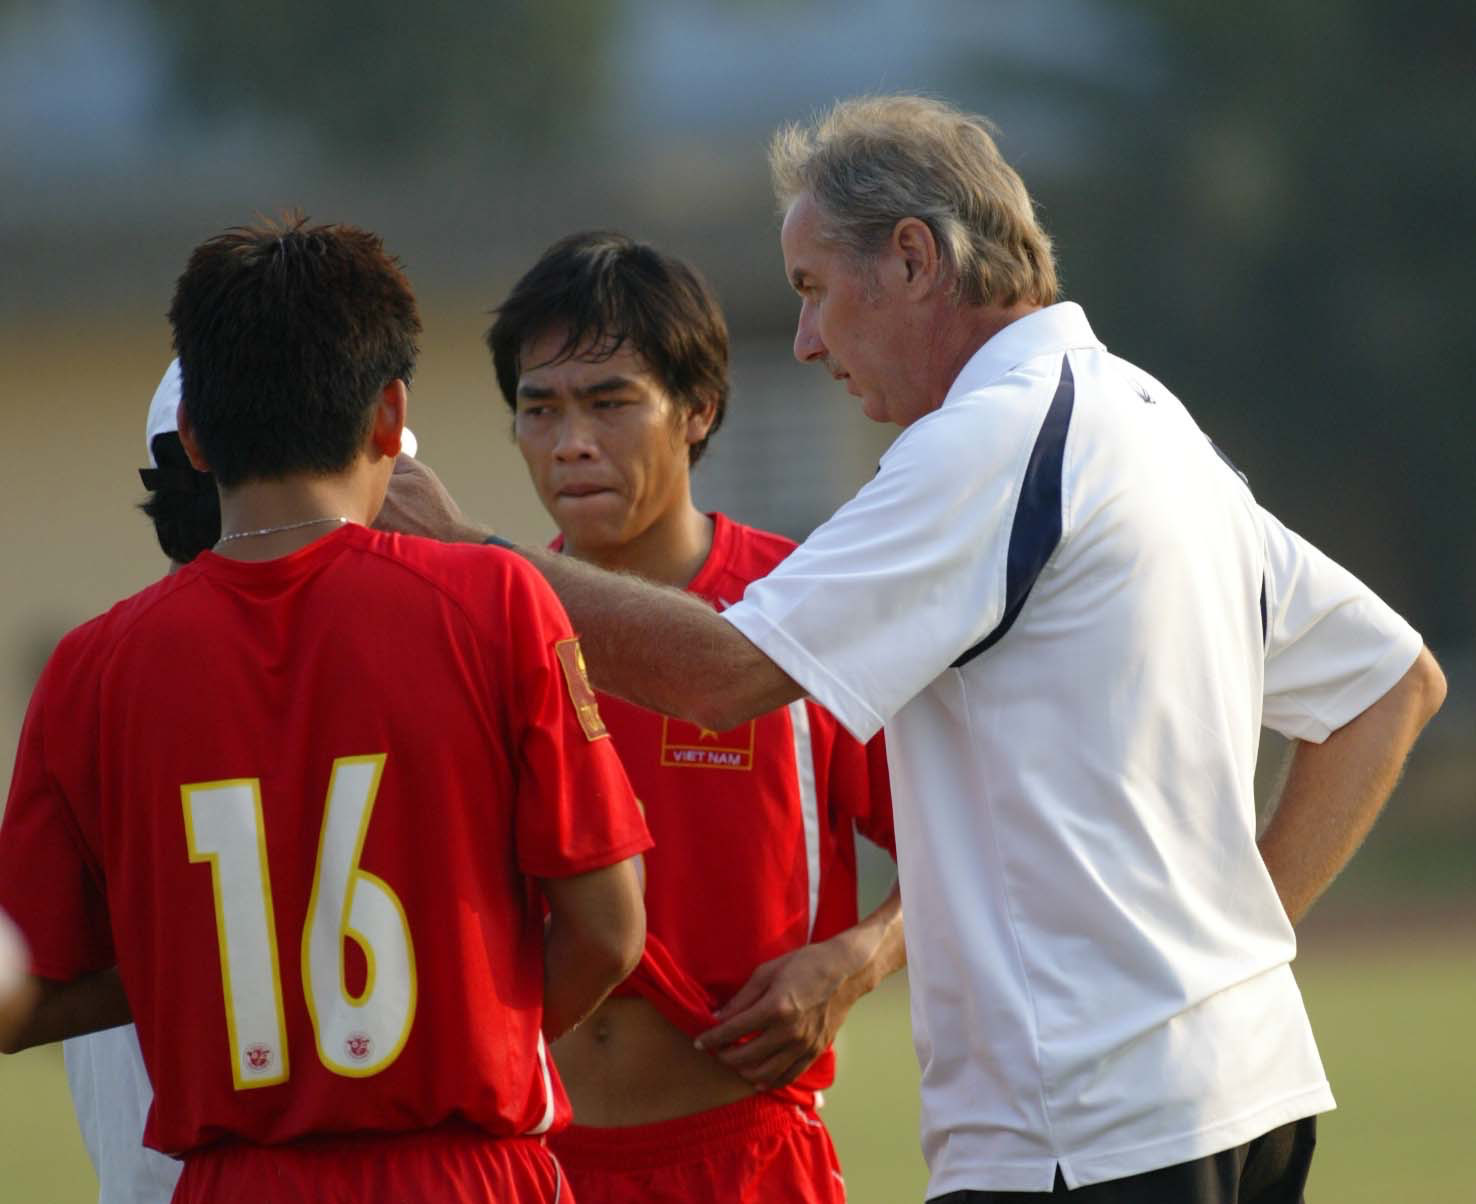 HLV A.Riedl nhắc nhở 2 cựu tuyển thủ Việt Nam ở hàng thủ là Huy Hoàng và Quang Thanh. Ảnh: Tuấn Tú